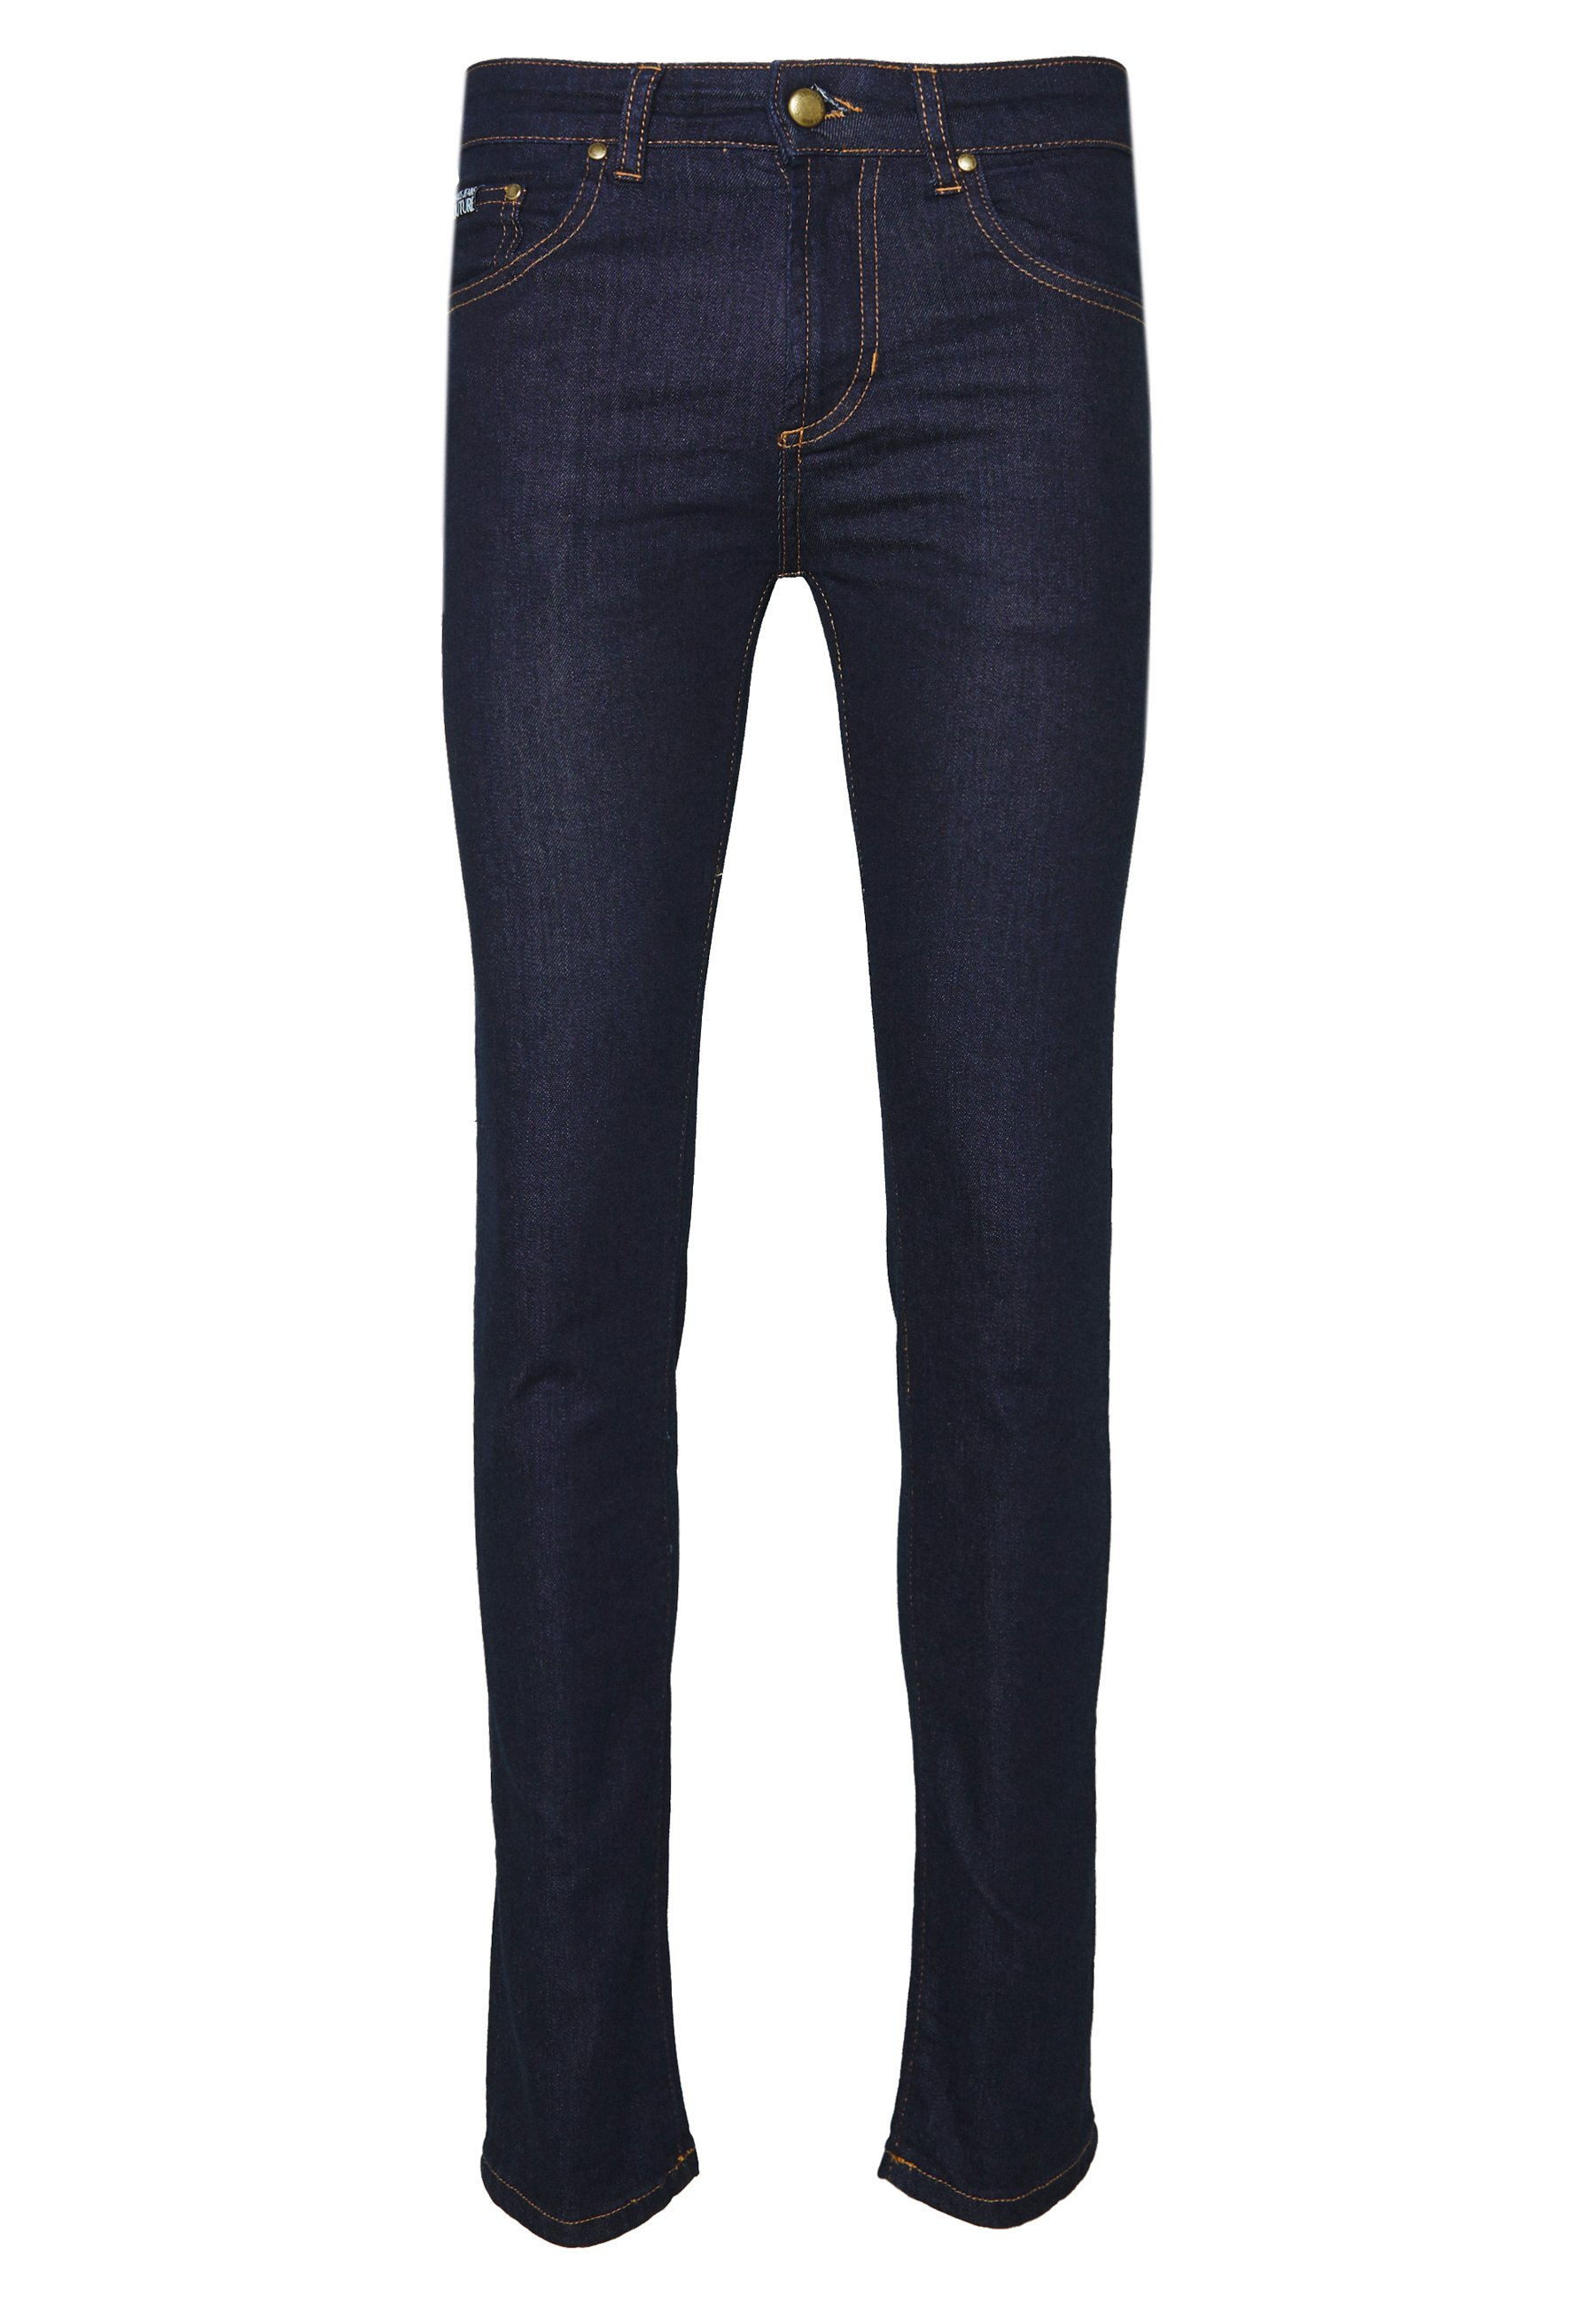 LONDON WASHED BACK LOGO Jeans Skinny Fit dark denim